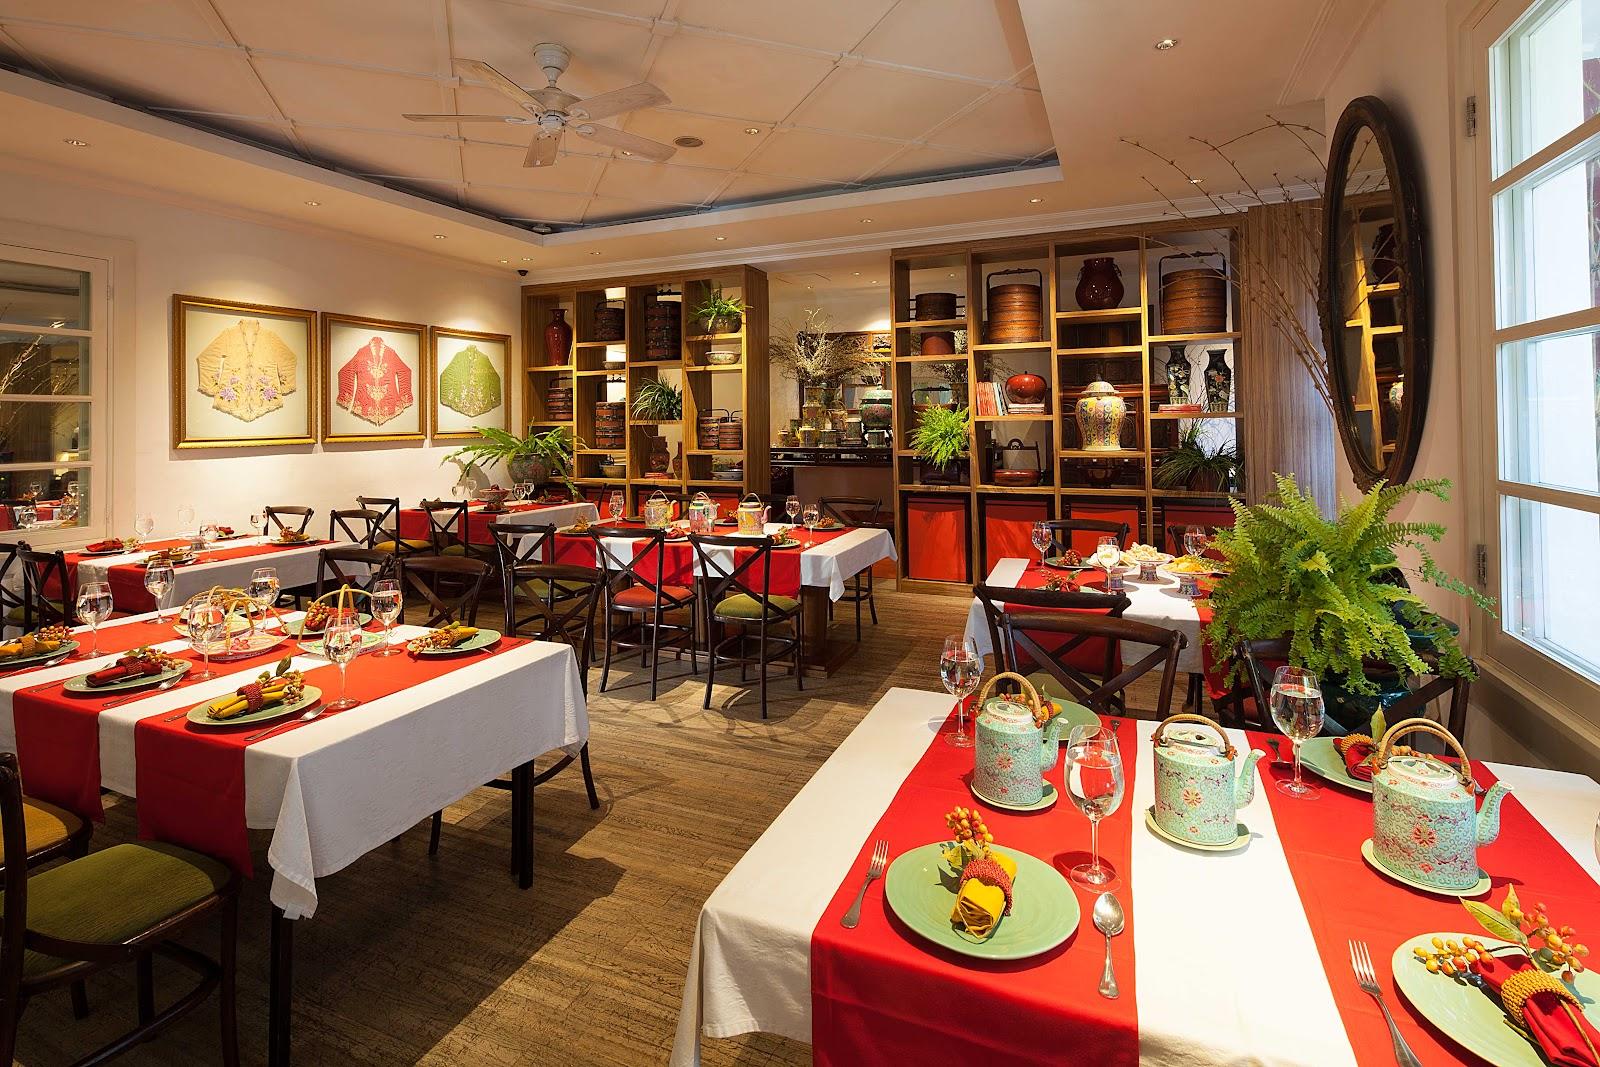 Restoran Meradelima di bilangan Senopati, Jakarta Selatan dengan desain interior Cina Peranakan - source: dining.indonesiatatler.com